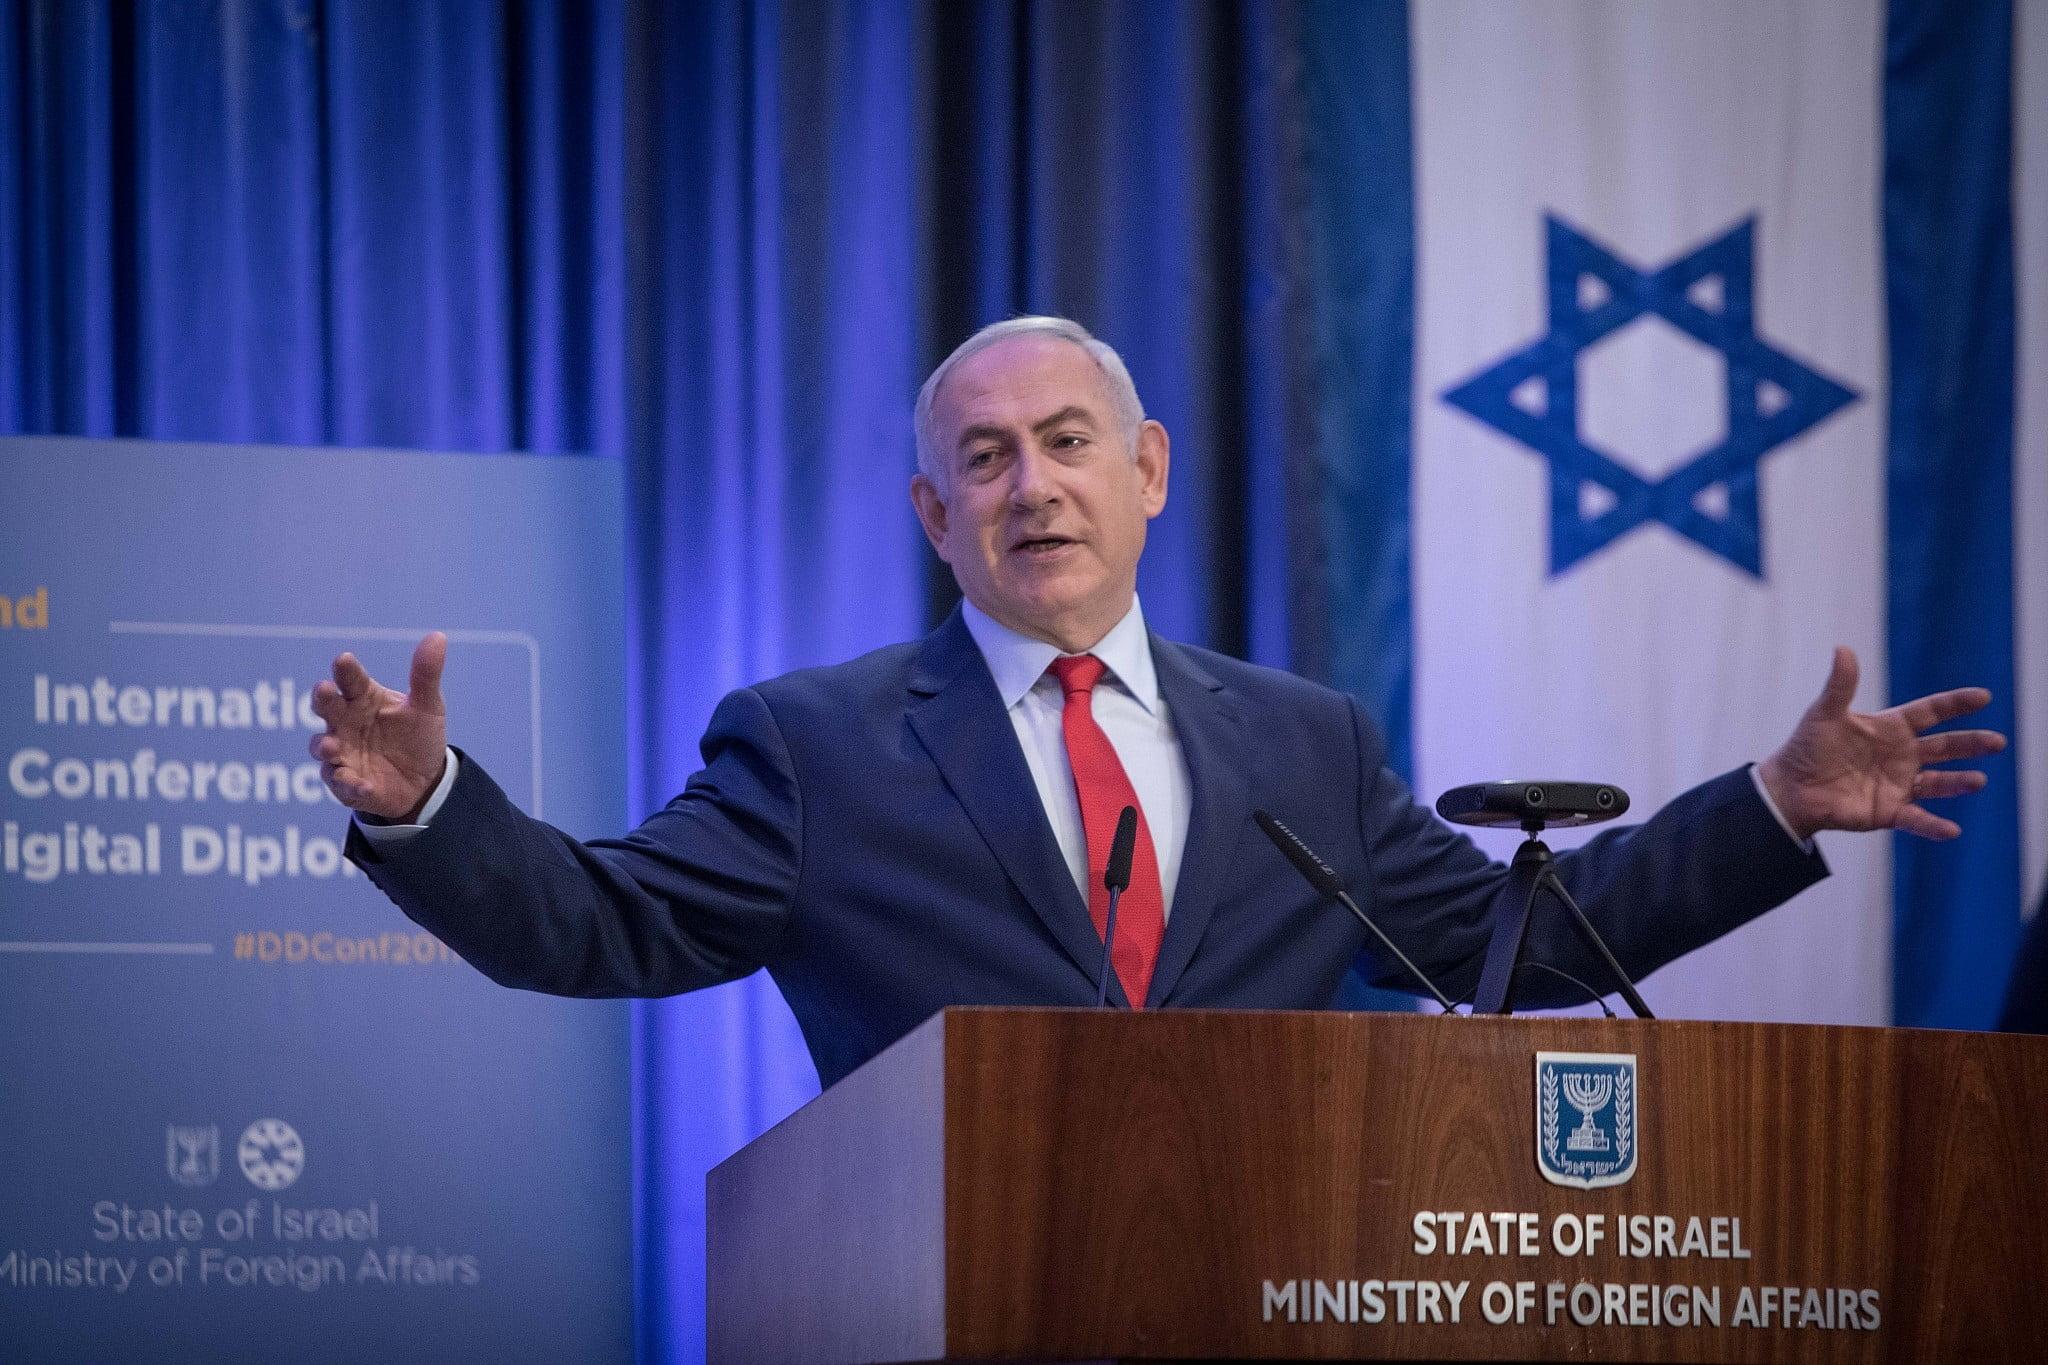 Israël évite la guerre à Gaza, soutient le régime du Hamas et sape l'Autorité palestinienne.